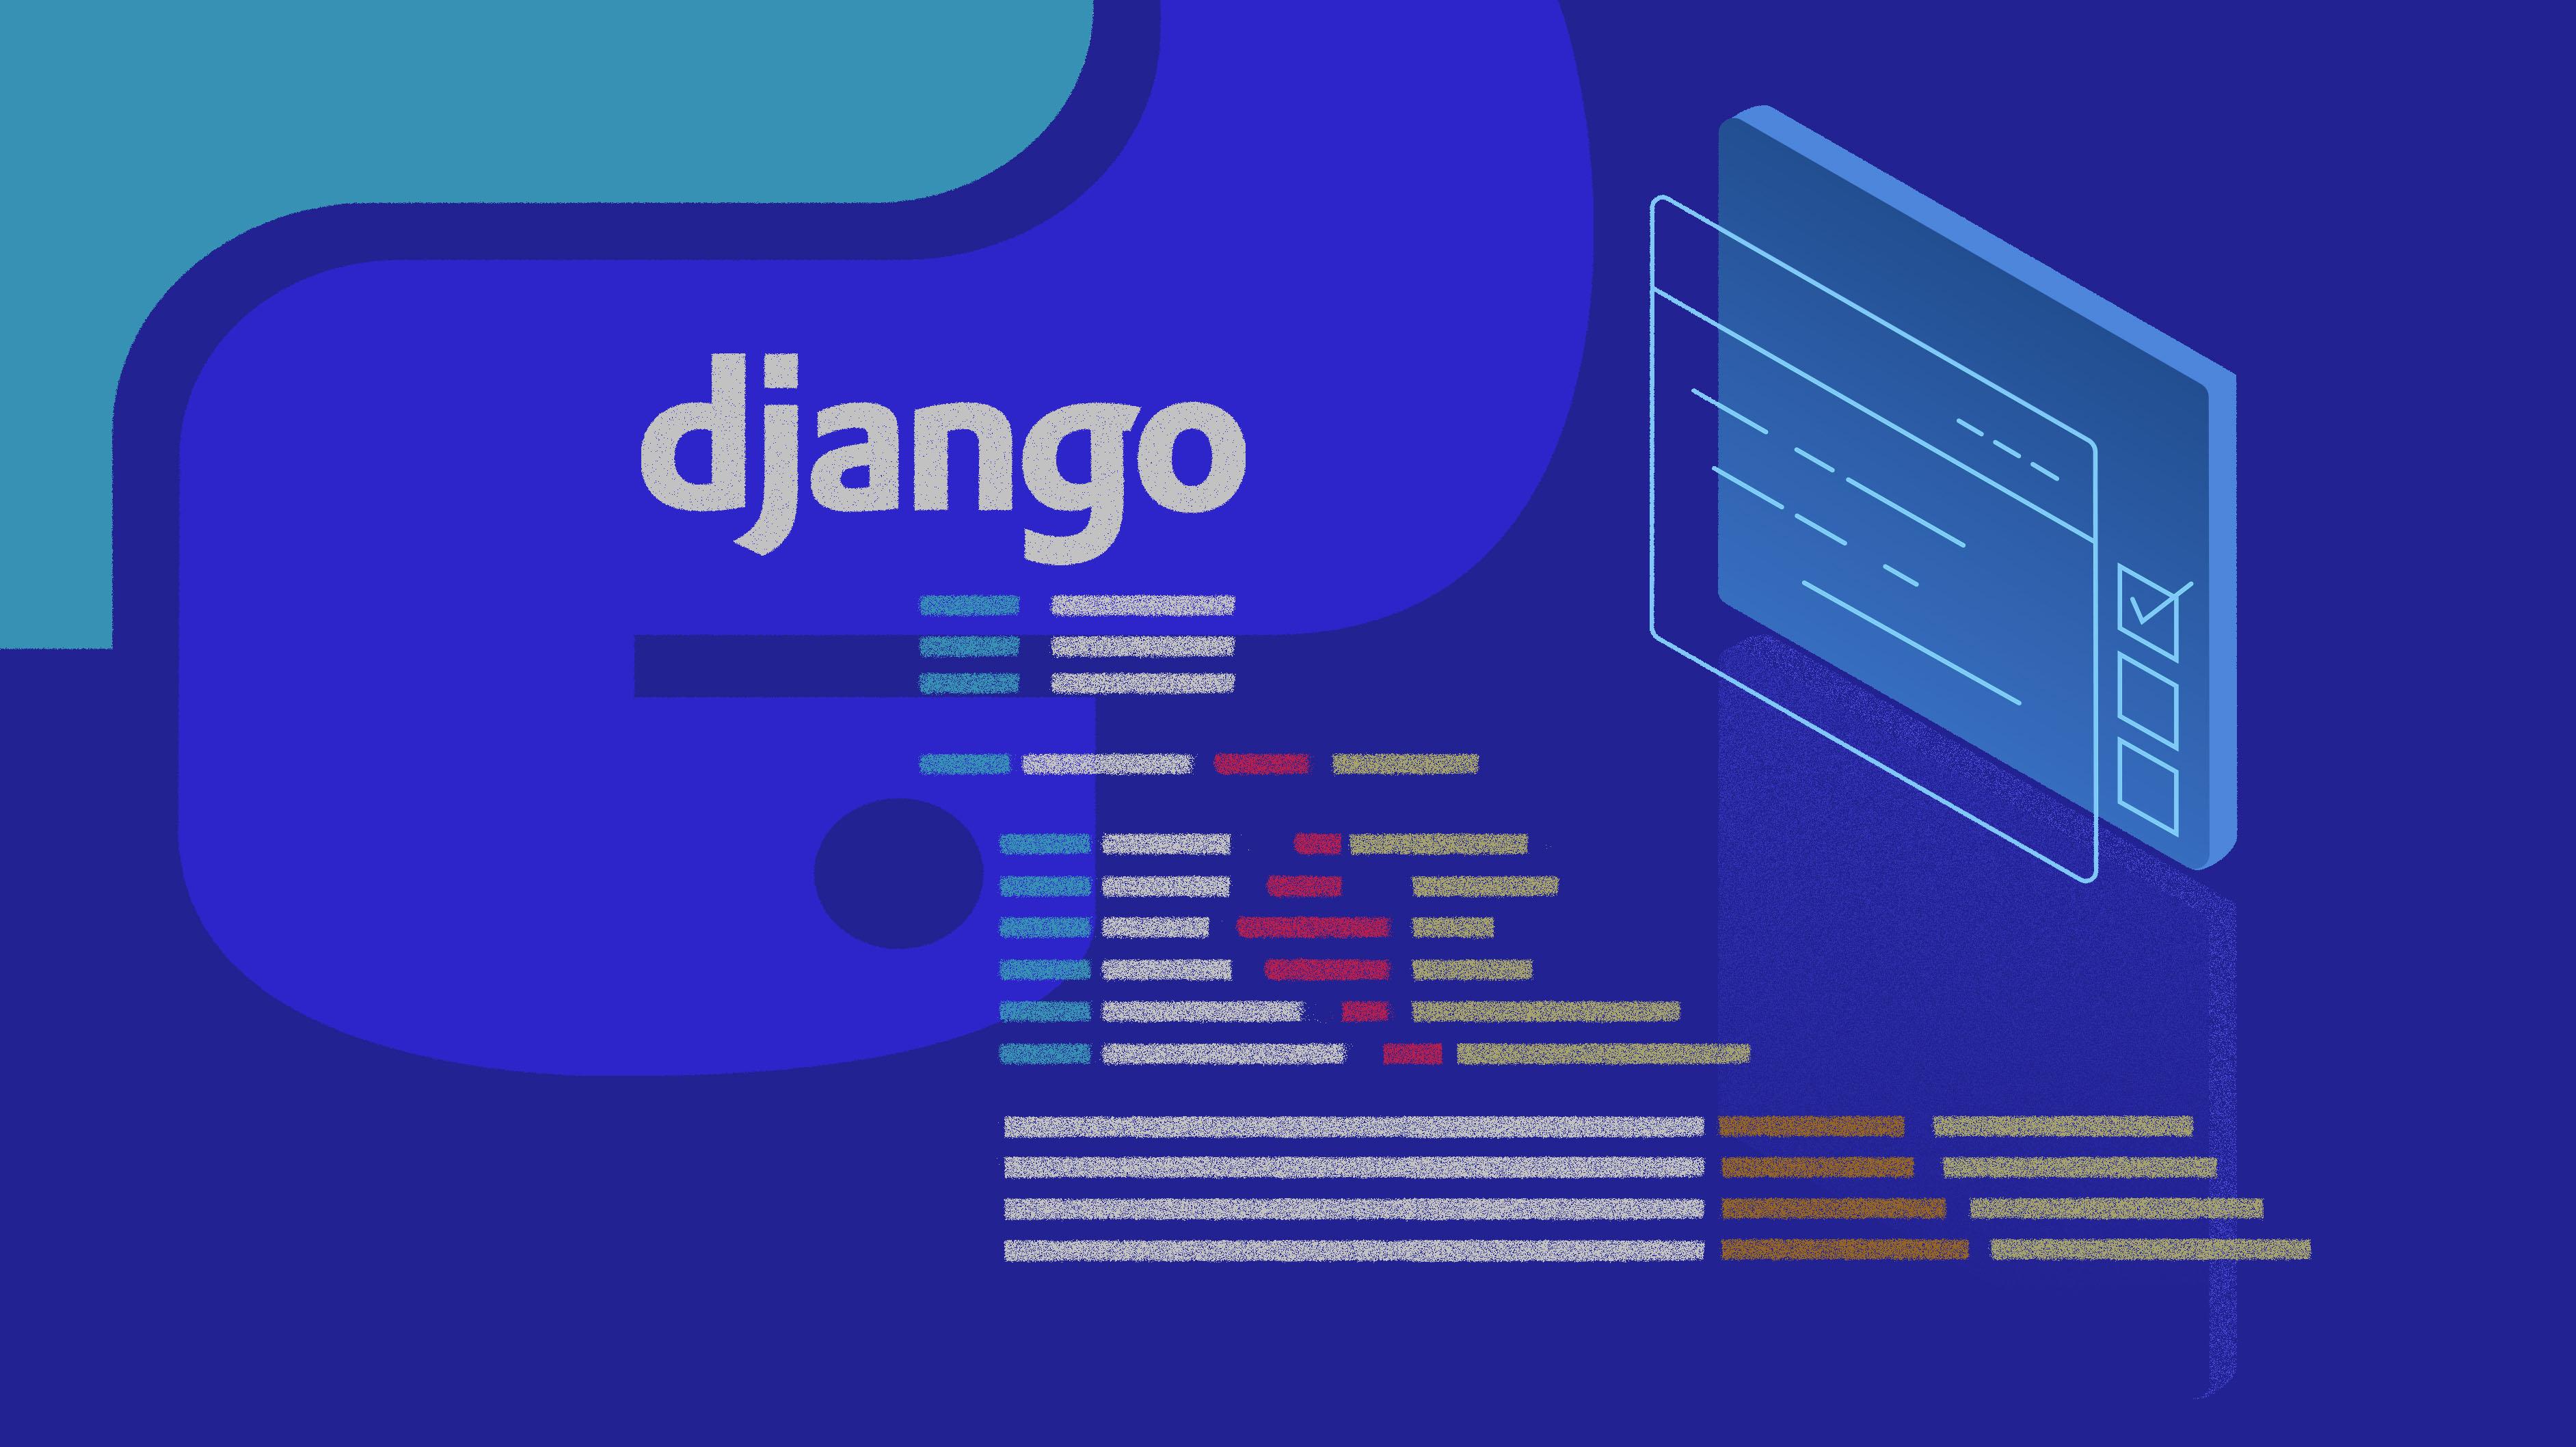 برنامهی Django چیست و چگونه با سکو اجرا میشود؟